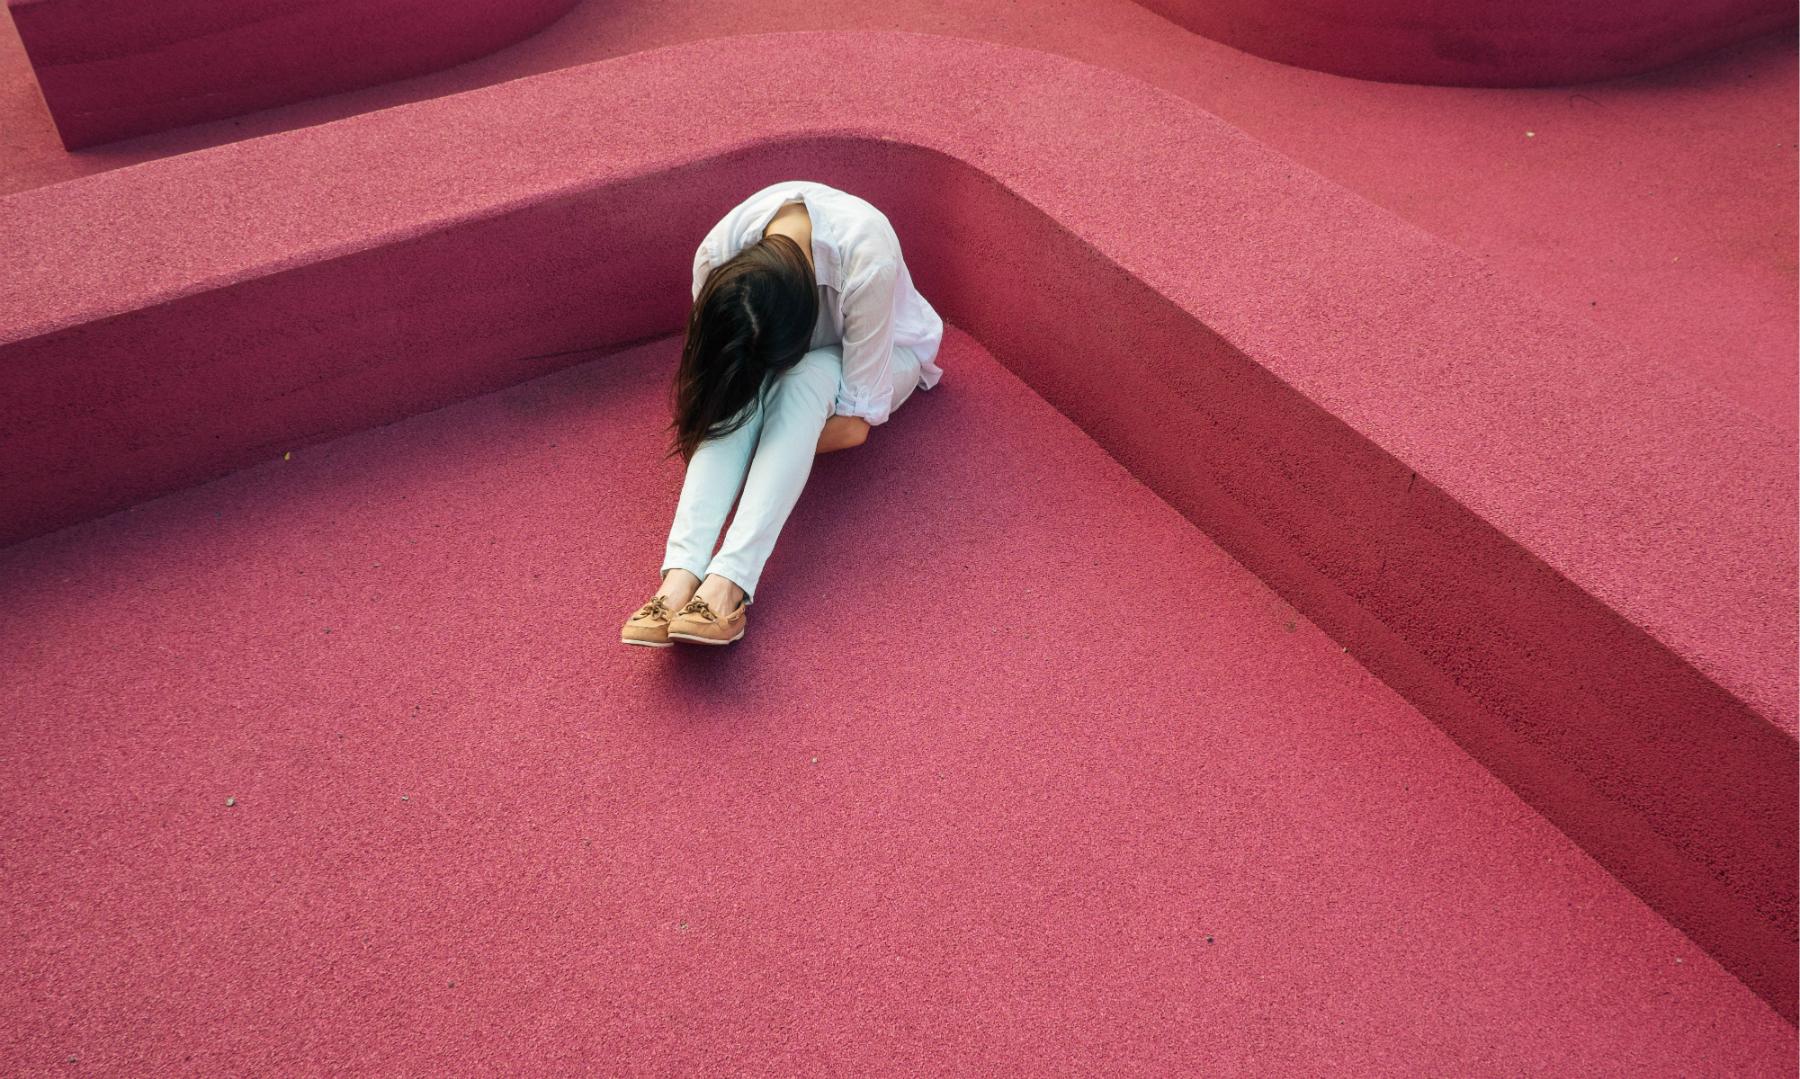 Jak pokonać strach przed odrzuceniem i otworzyć się na ludzi?